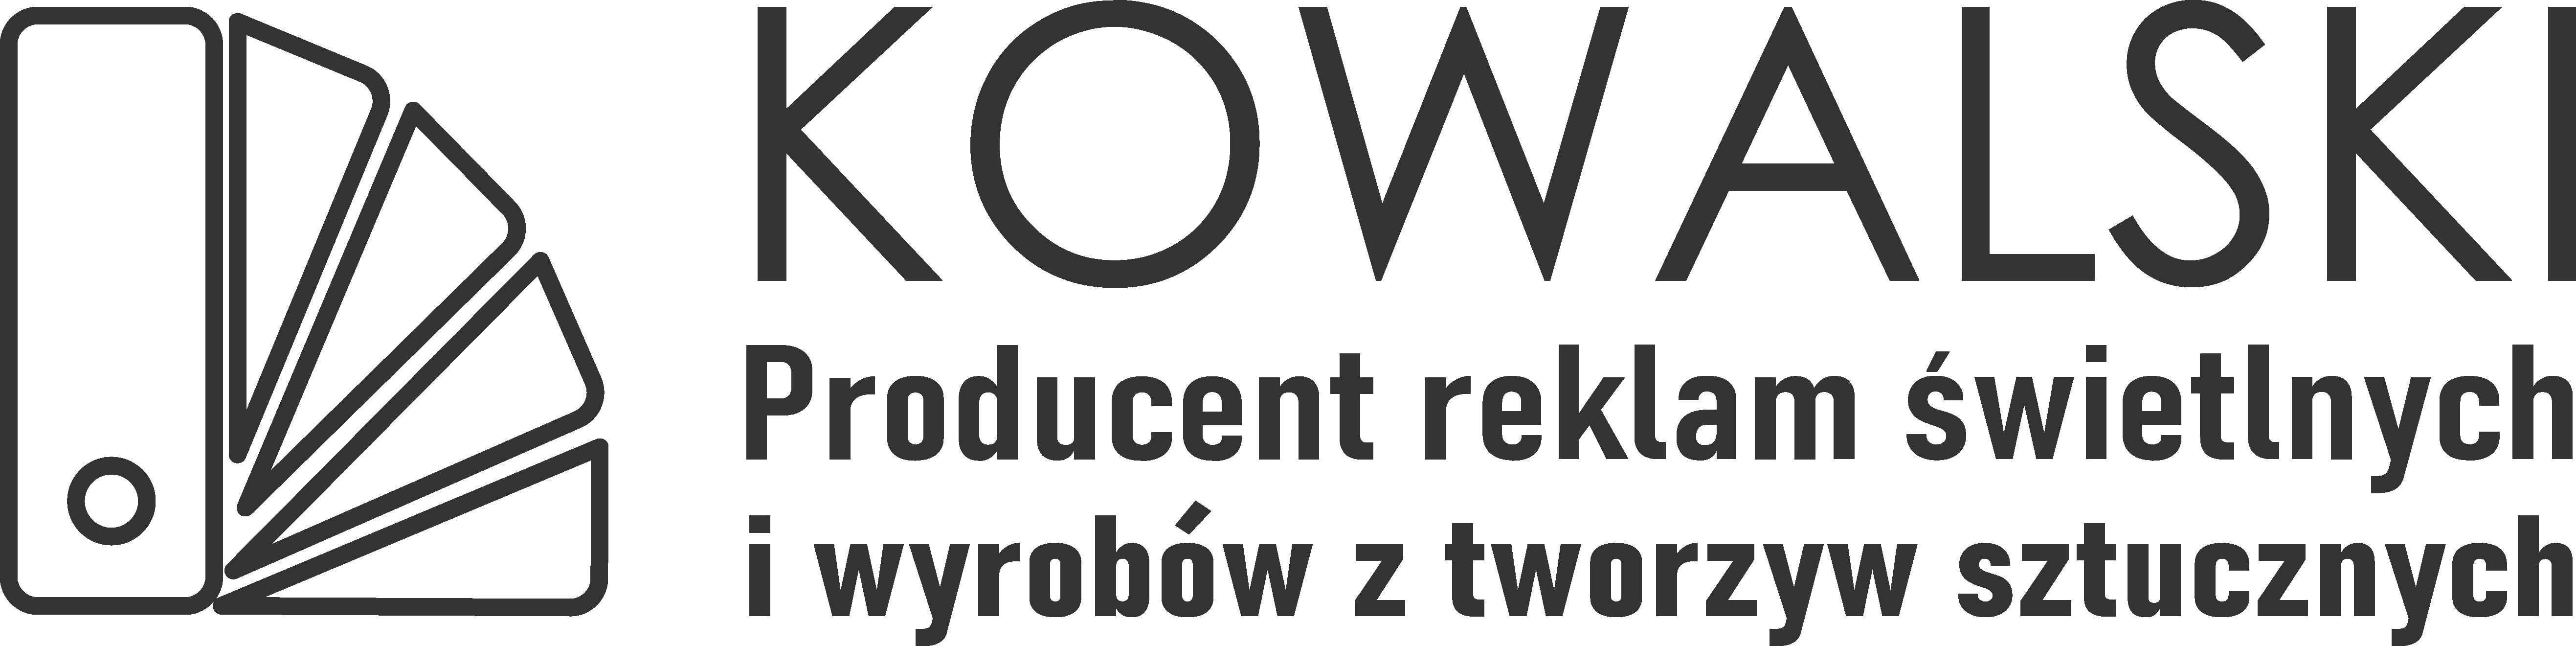 Kowalski Producent Reklam Świetlnych i Wyrobów z Tworzyw Sztucznych | Szczecin Reklama